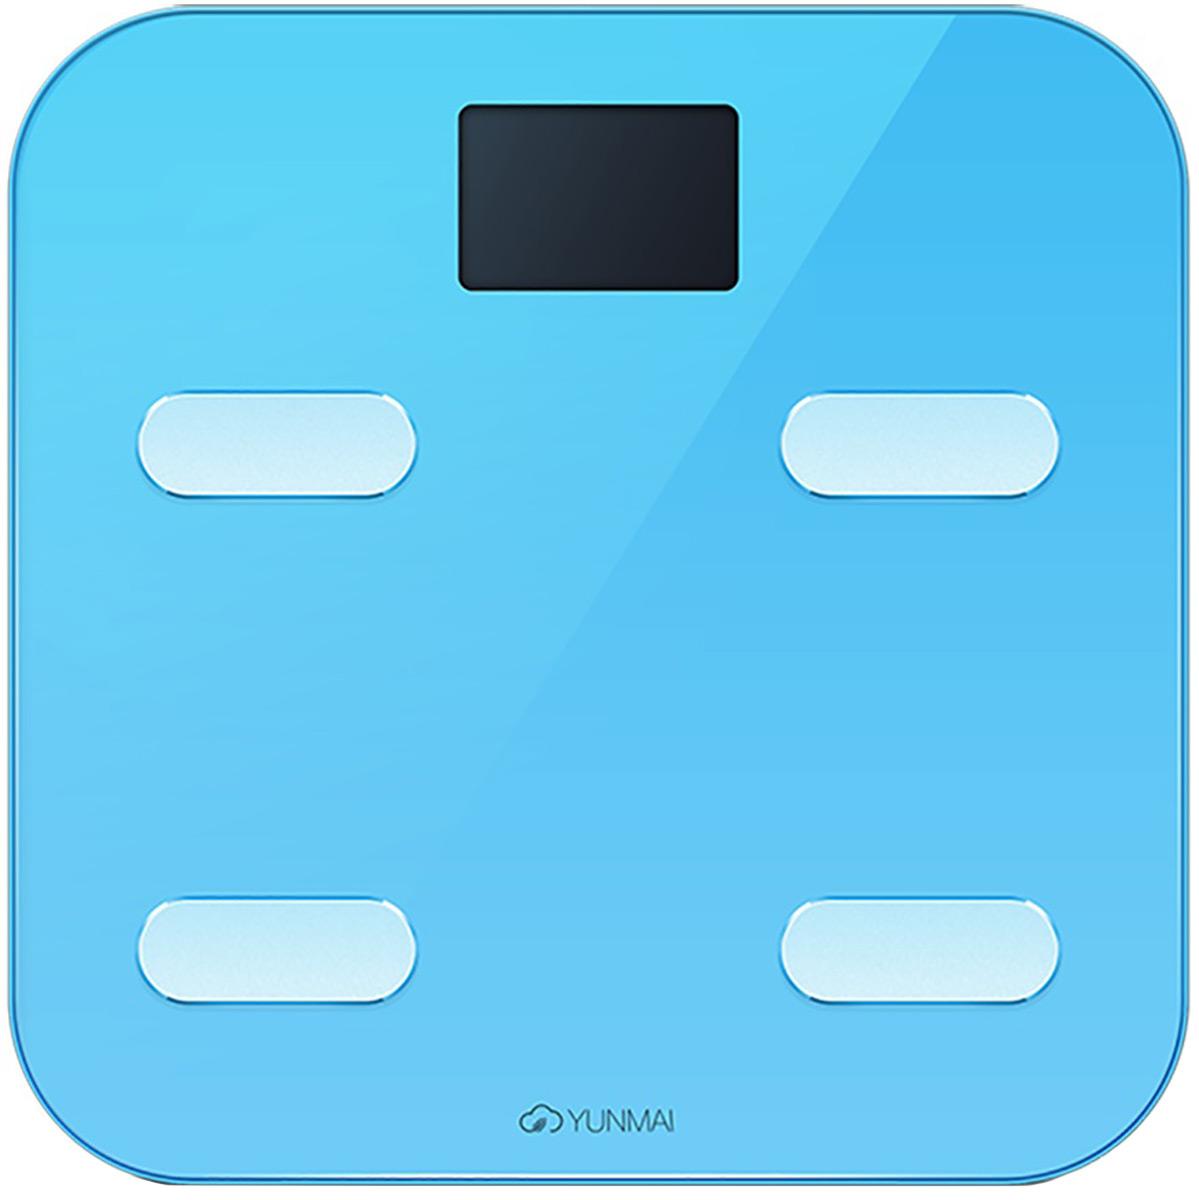 цена Напольные весы Yunmai Color, Blue онлайн в 2017 году